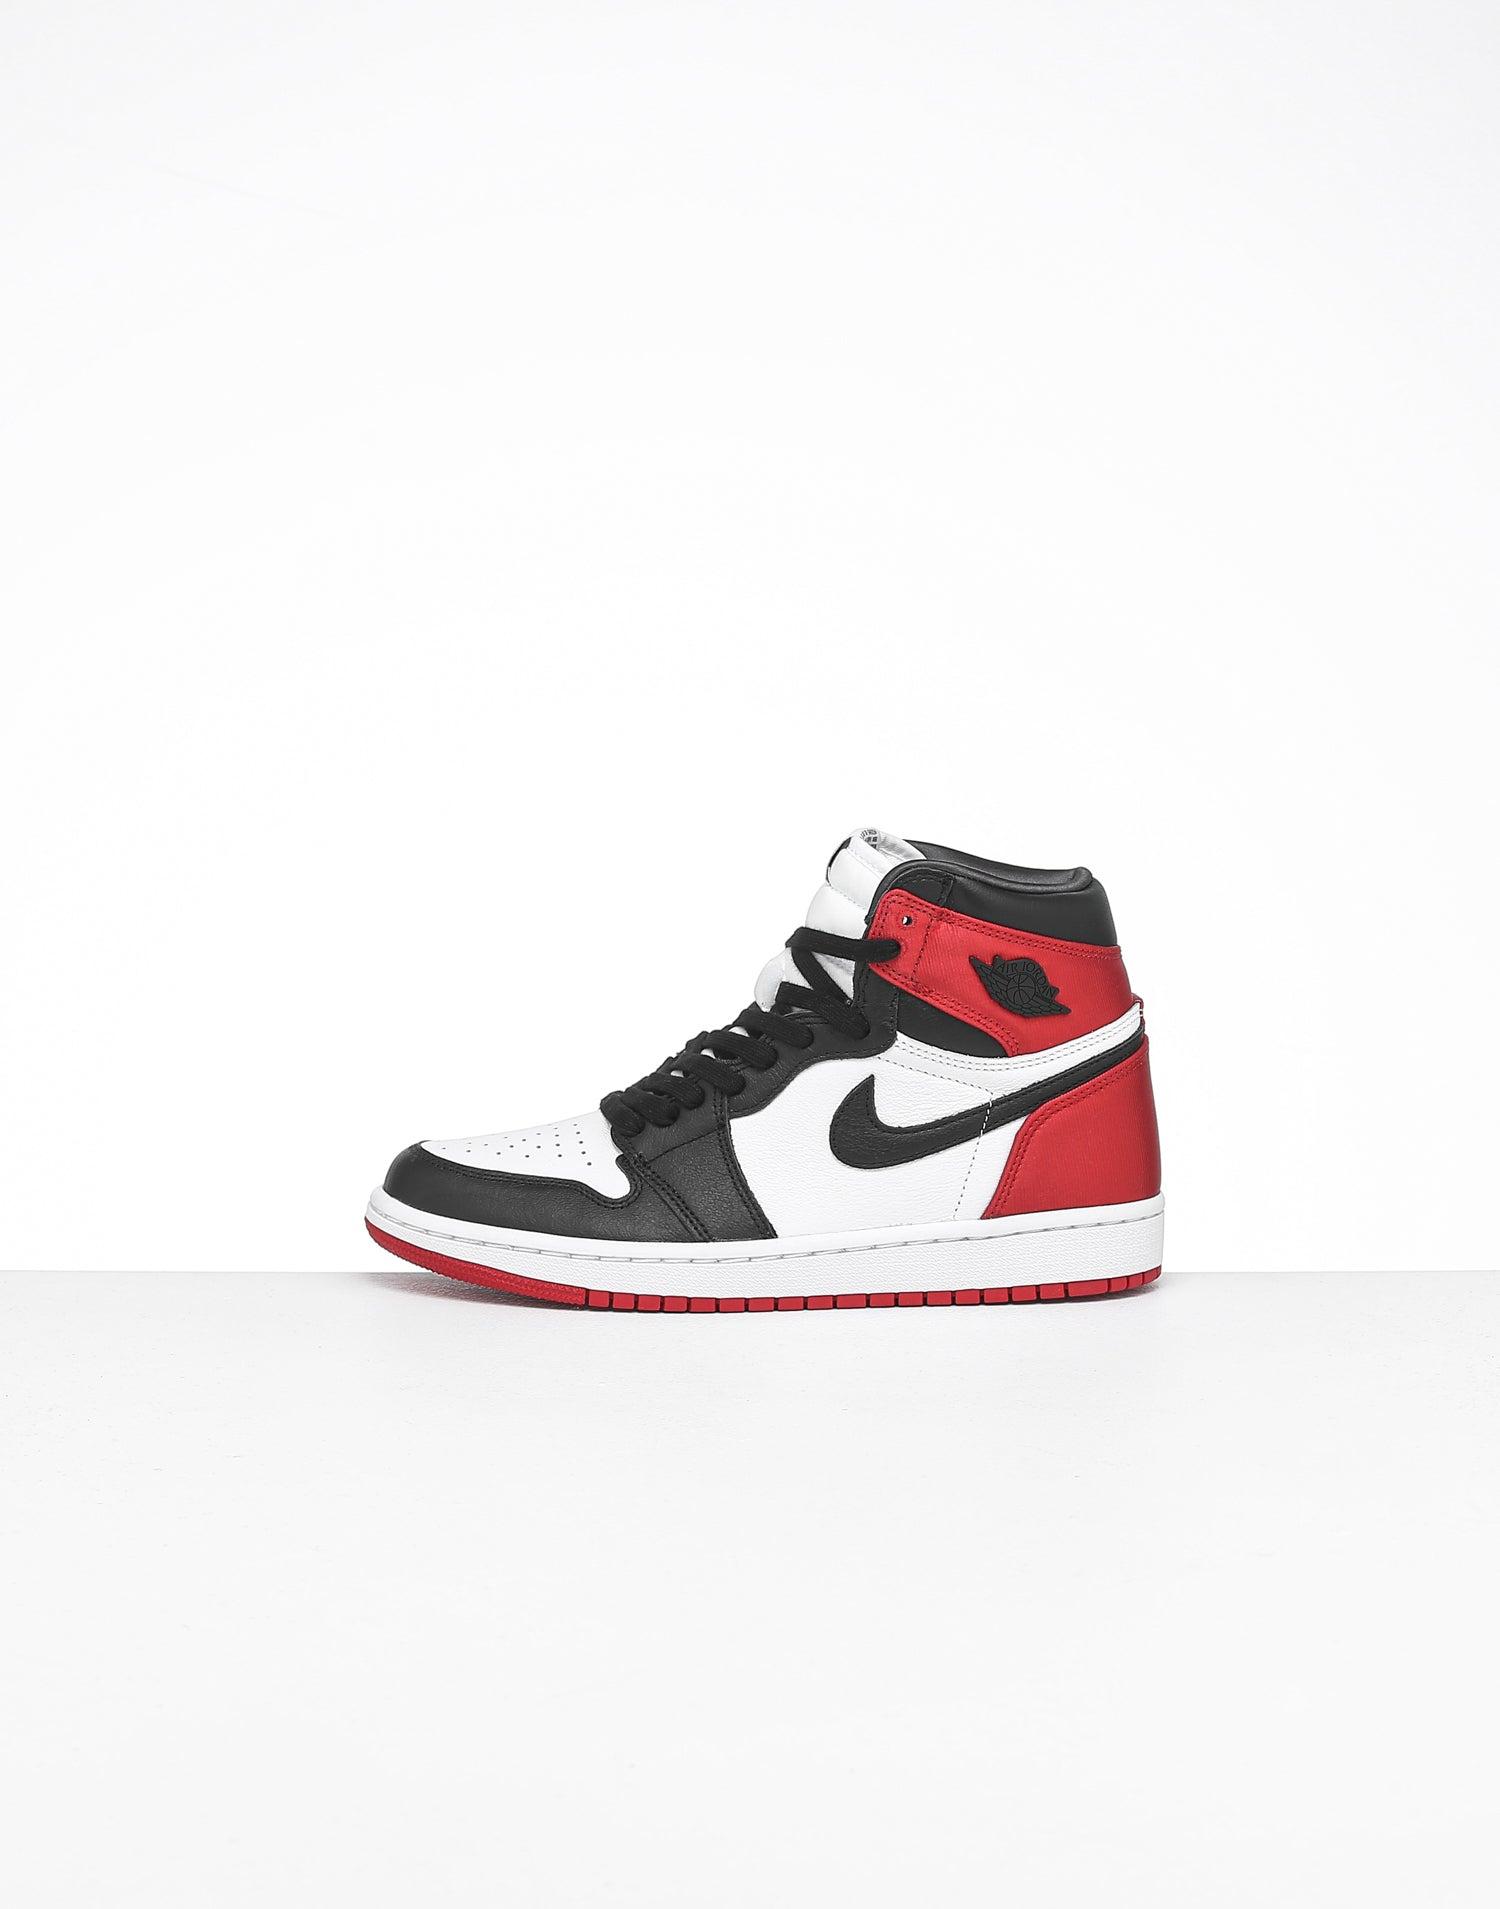 Air Jordan 1 High OG Black/White/Red